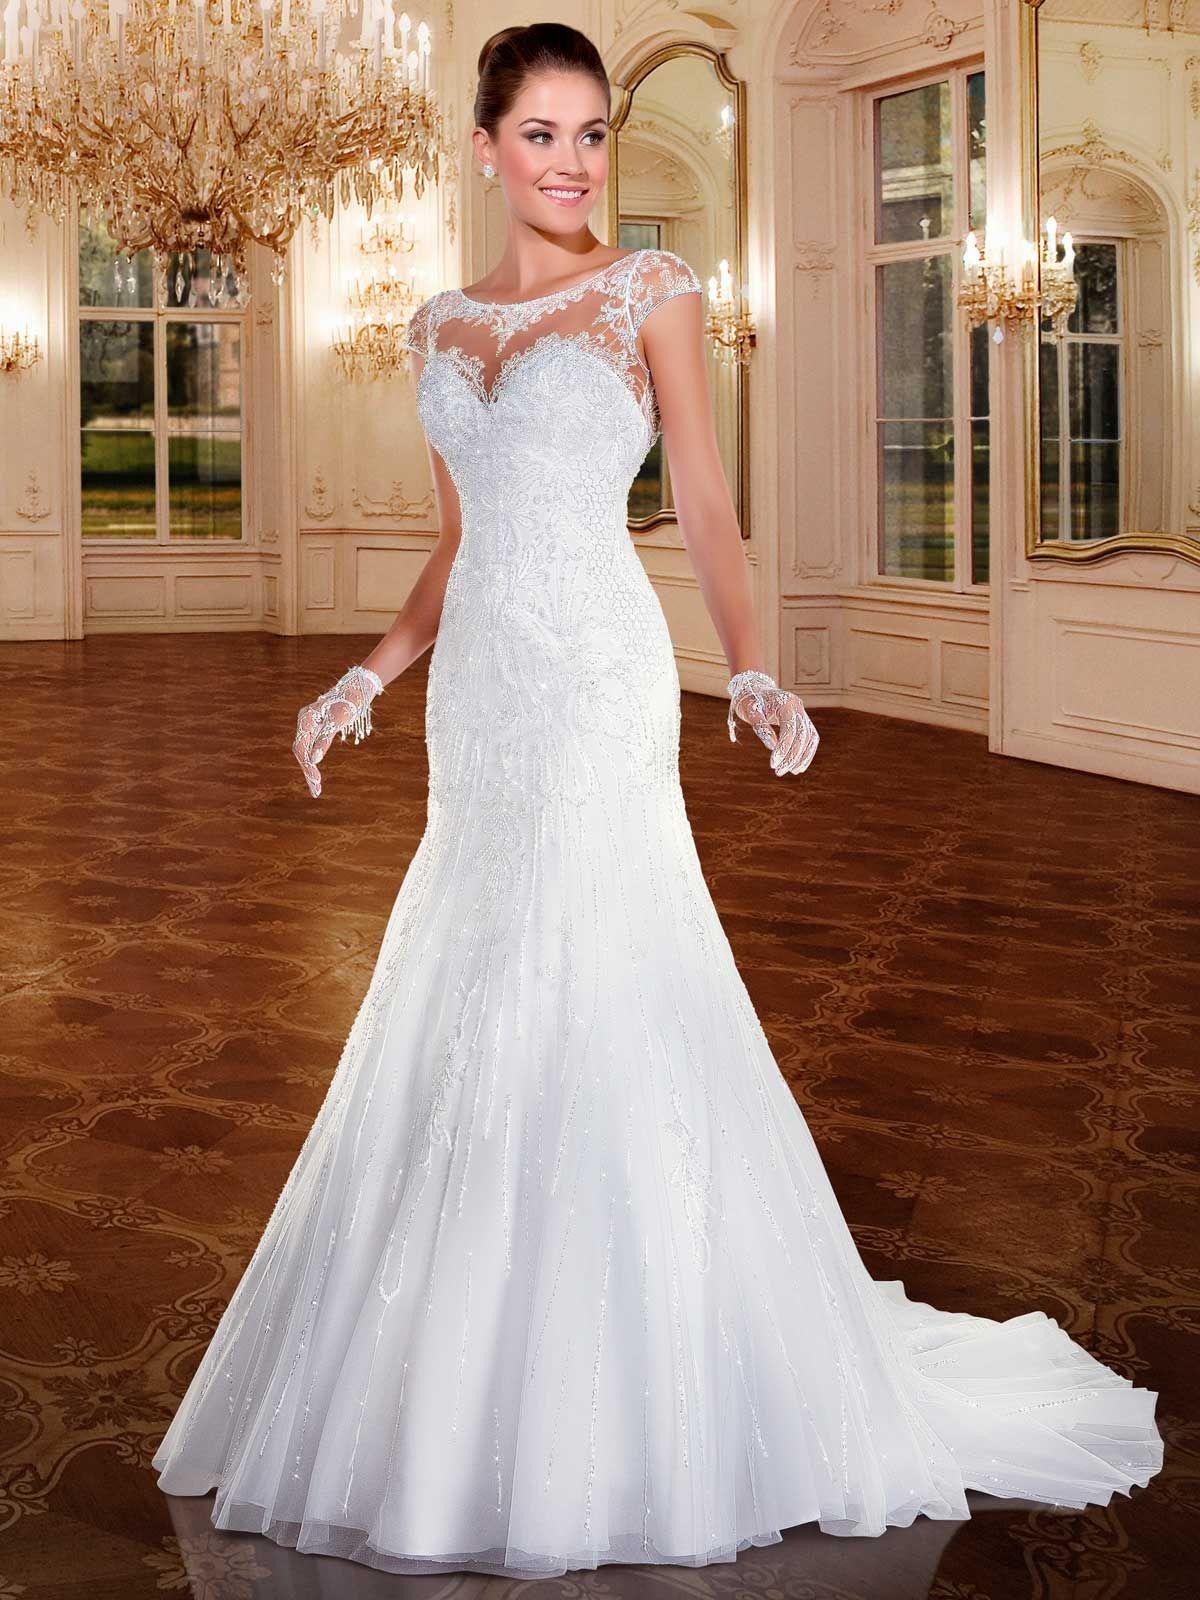 Atemberaubend Beste Brautkleid Läden Zeitgenössisch - Hochzeit Kleid ...